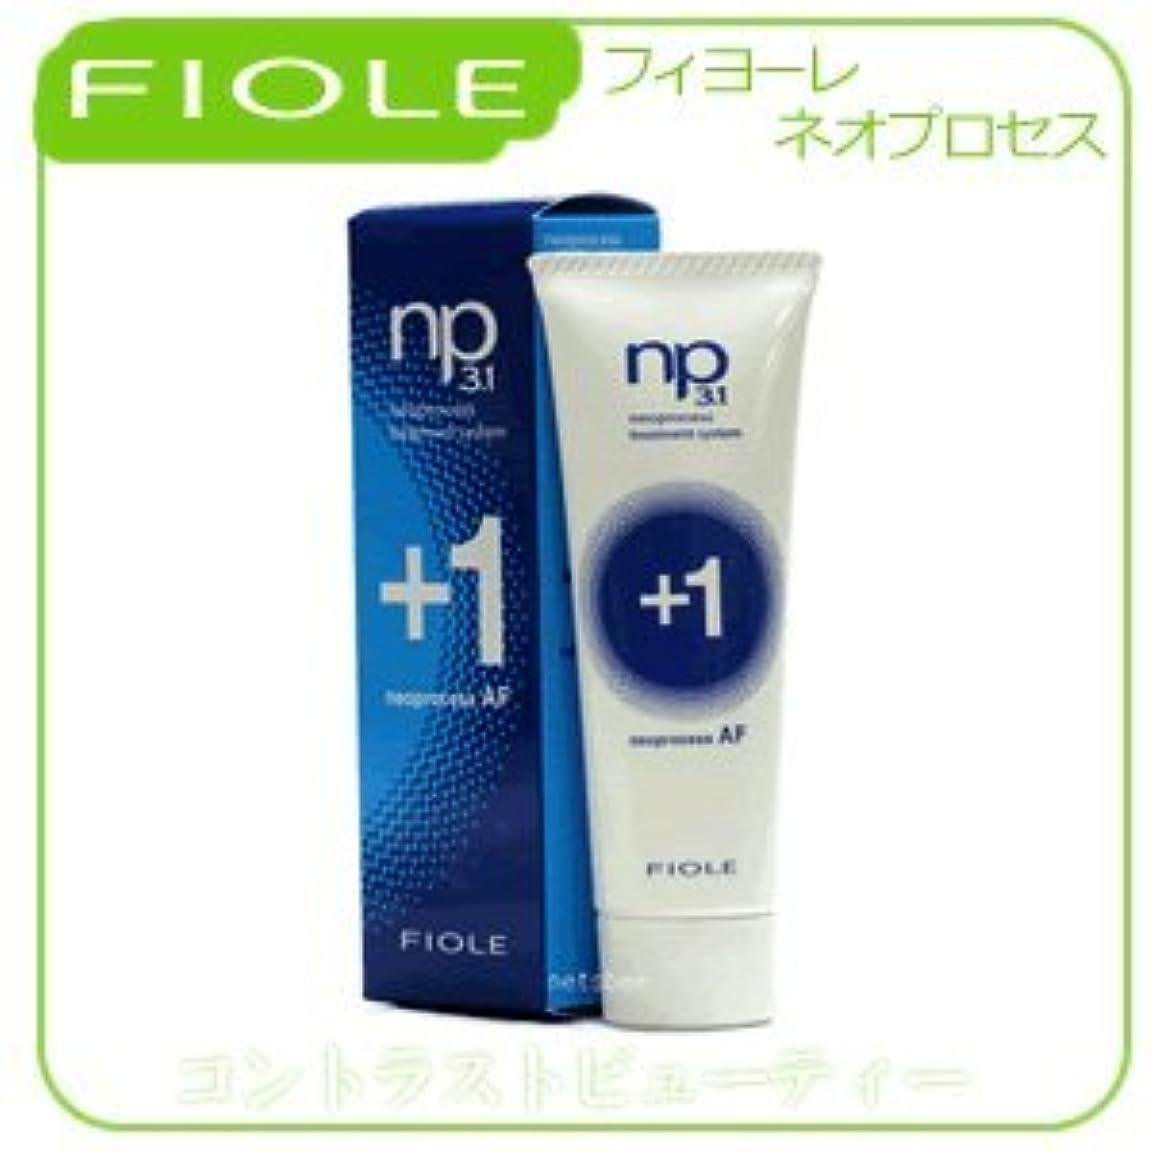 カロリーフィード買う【X5個セット】 フィヨーレ NP3.1 ネオプロセス AFプラス1 240g FIOLE ネオプロセス